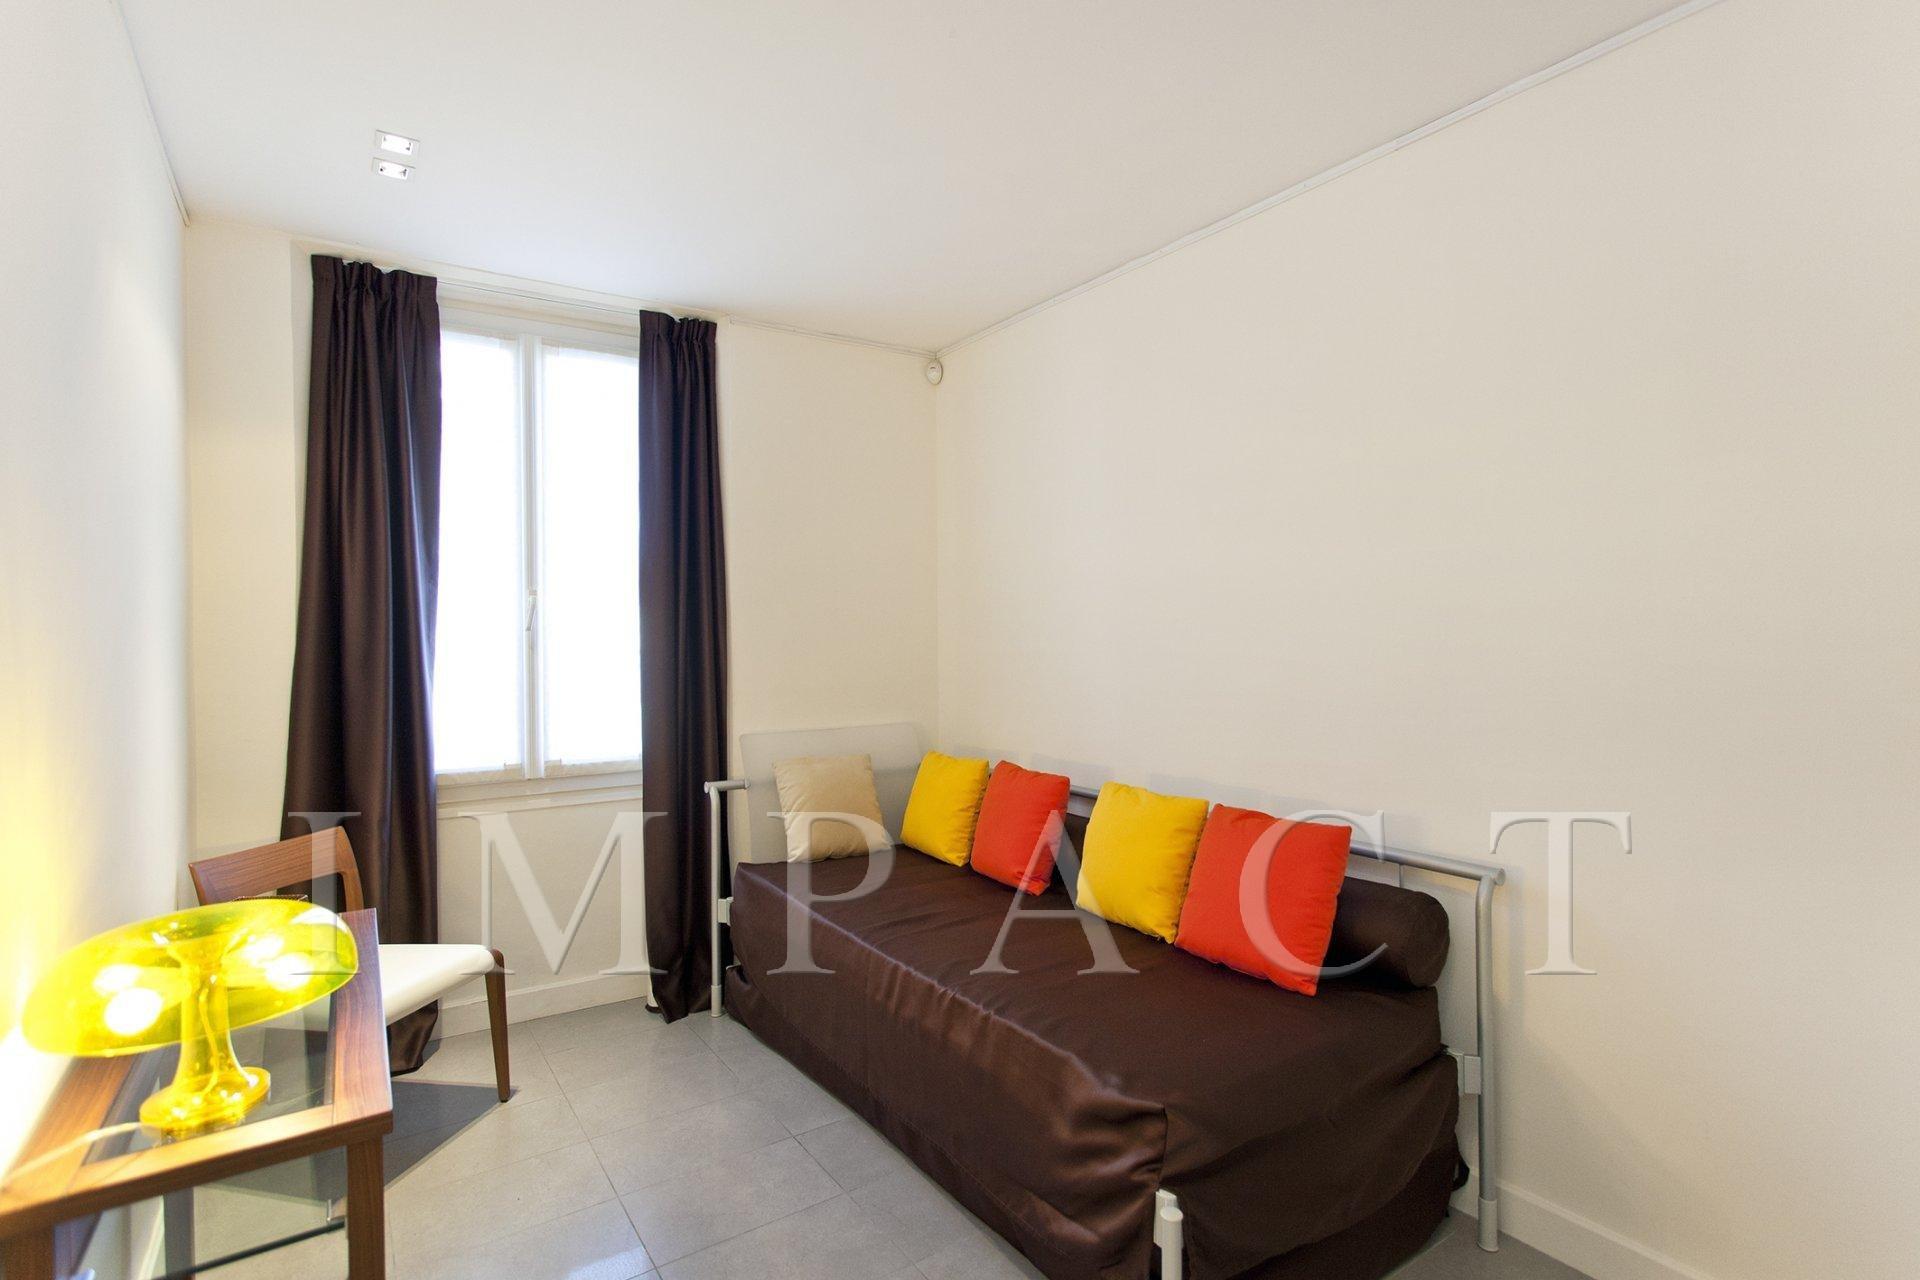 Appartement 3 chambres face au Palais des Festivals Cannes Centre